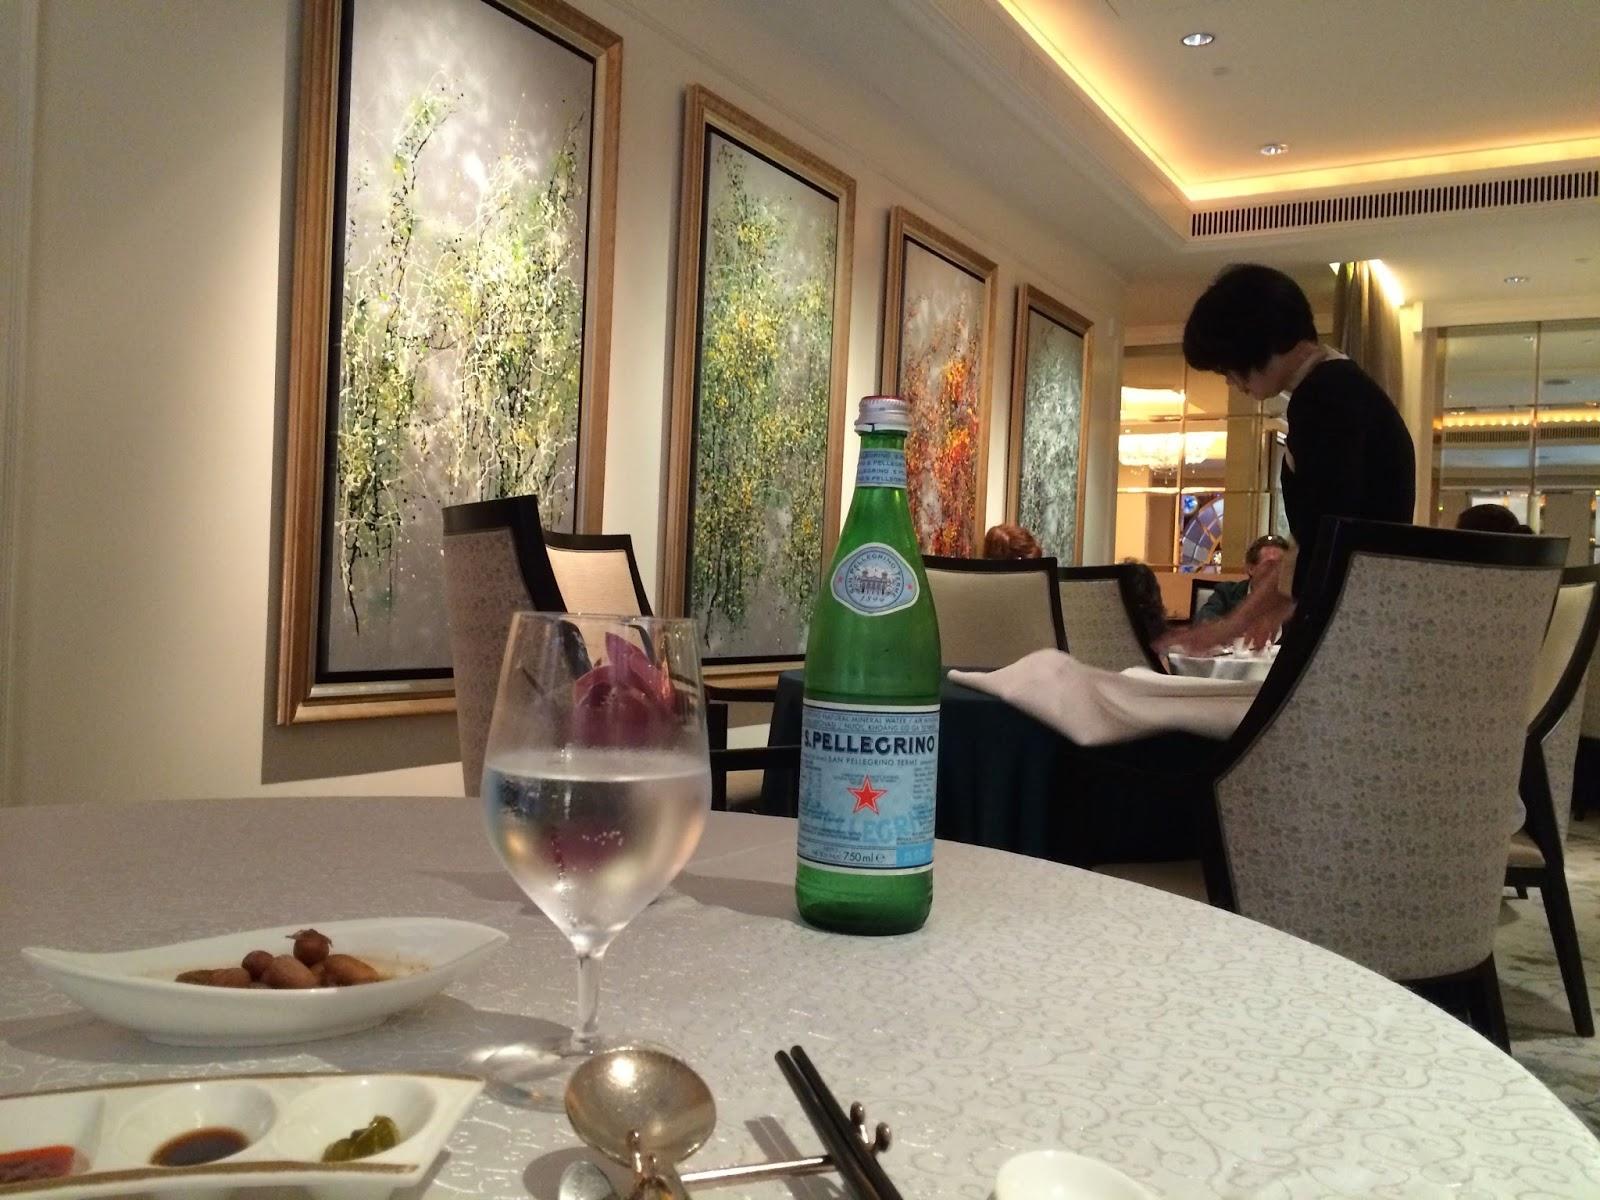 Yang Ting at St. Regis Singapore